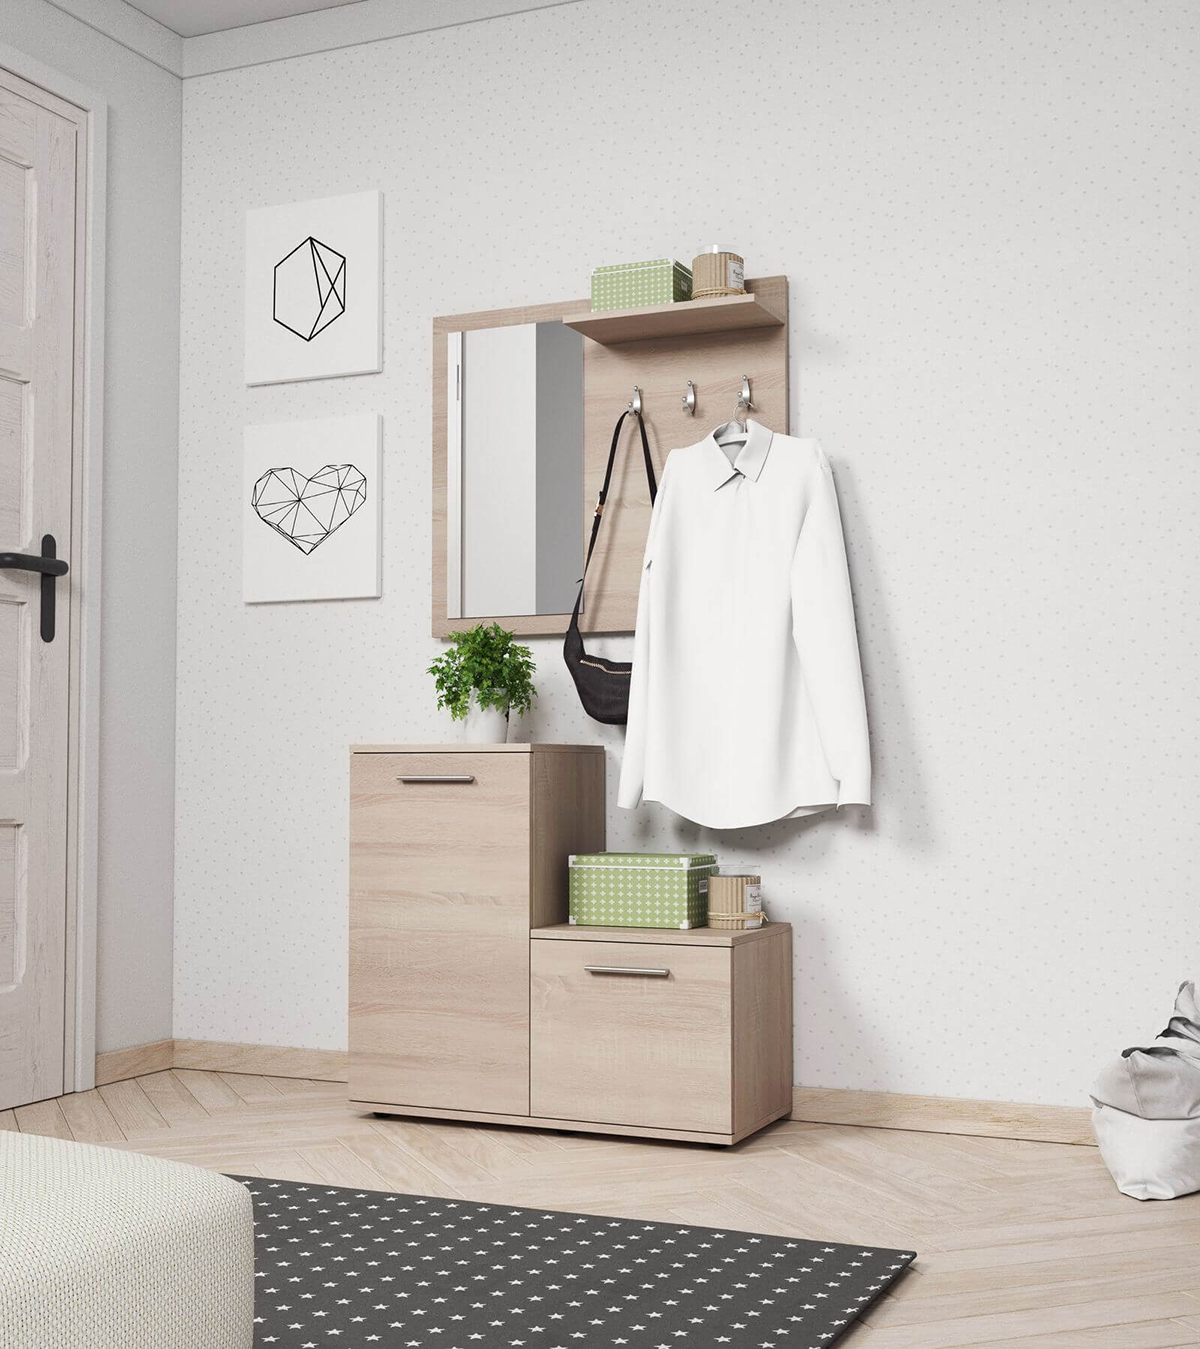 meuble vestiaire comment bien agencer son entrée